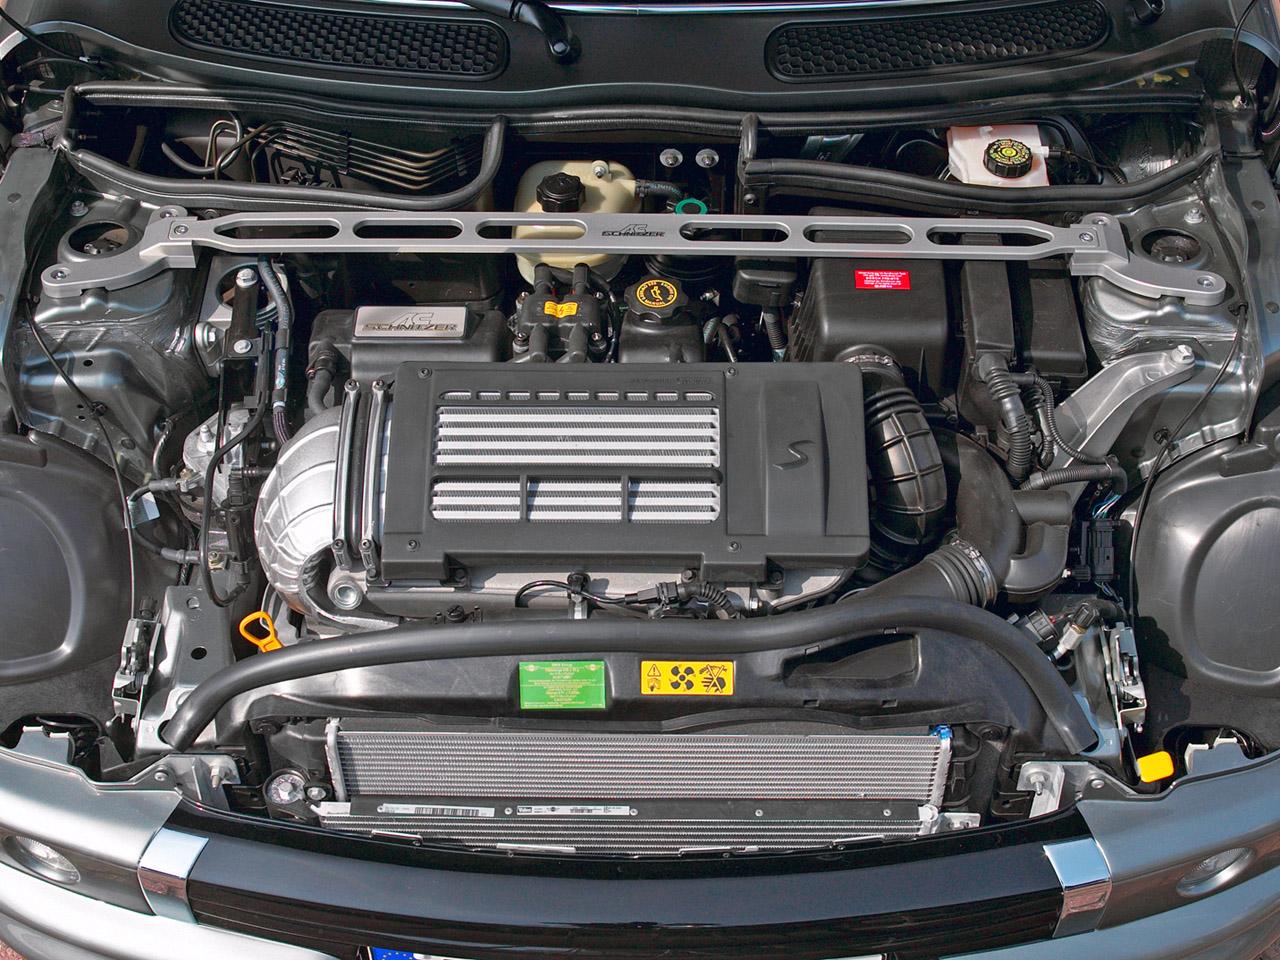 2005 mini cooper engine diagram vk 9561  mini cooper engine diagrams wiring diagram  mini cooper engine diagrams wiring diagram